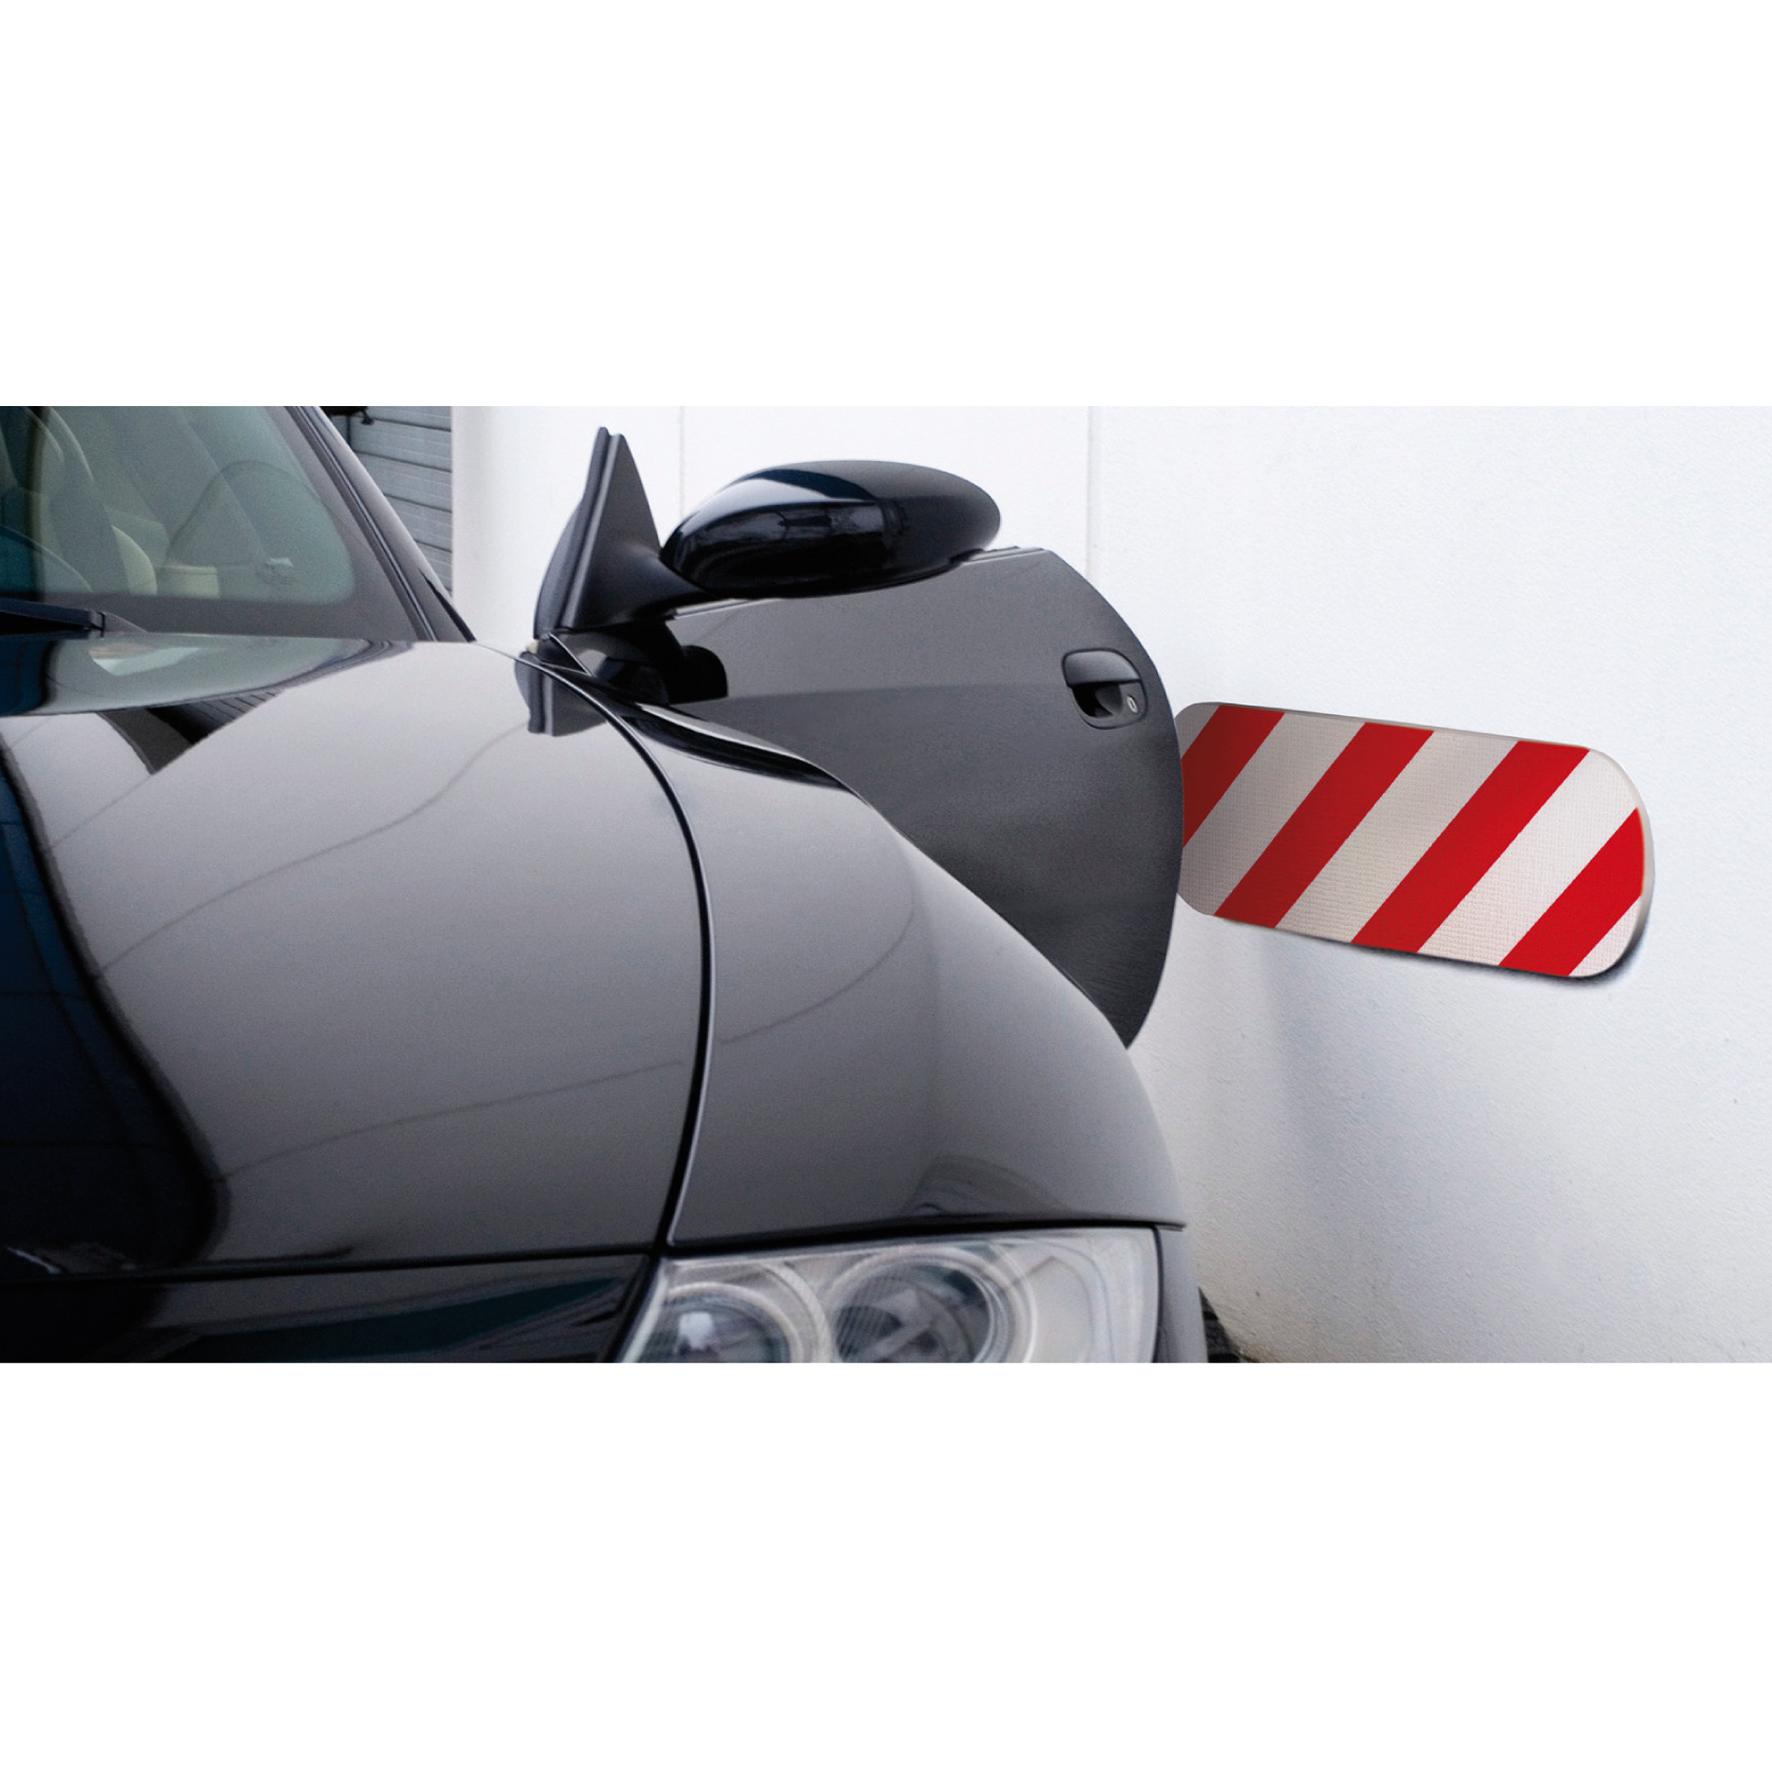 Autotür Schutzleiste Garage Wandschutz Schutzmatte 20 X: Autotür Schutzleiste Türkantenschutz Türkanten Garagen